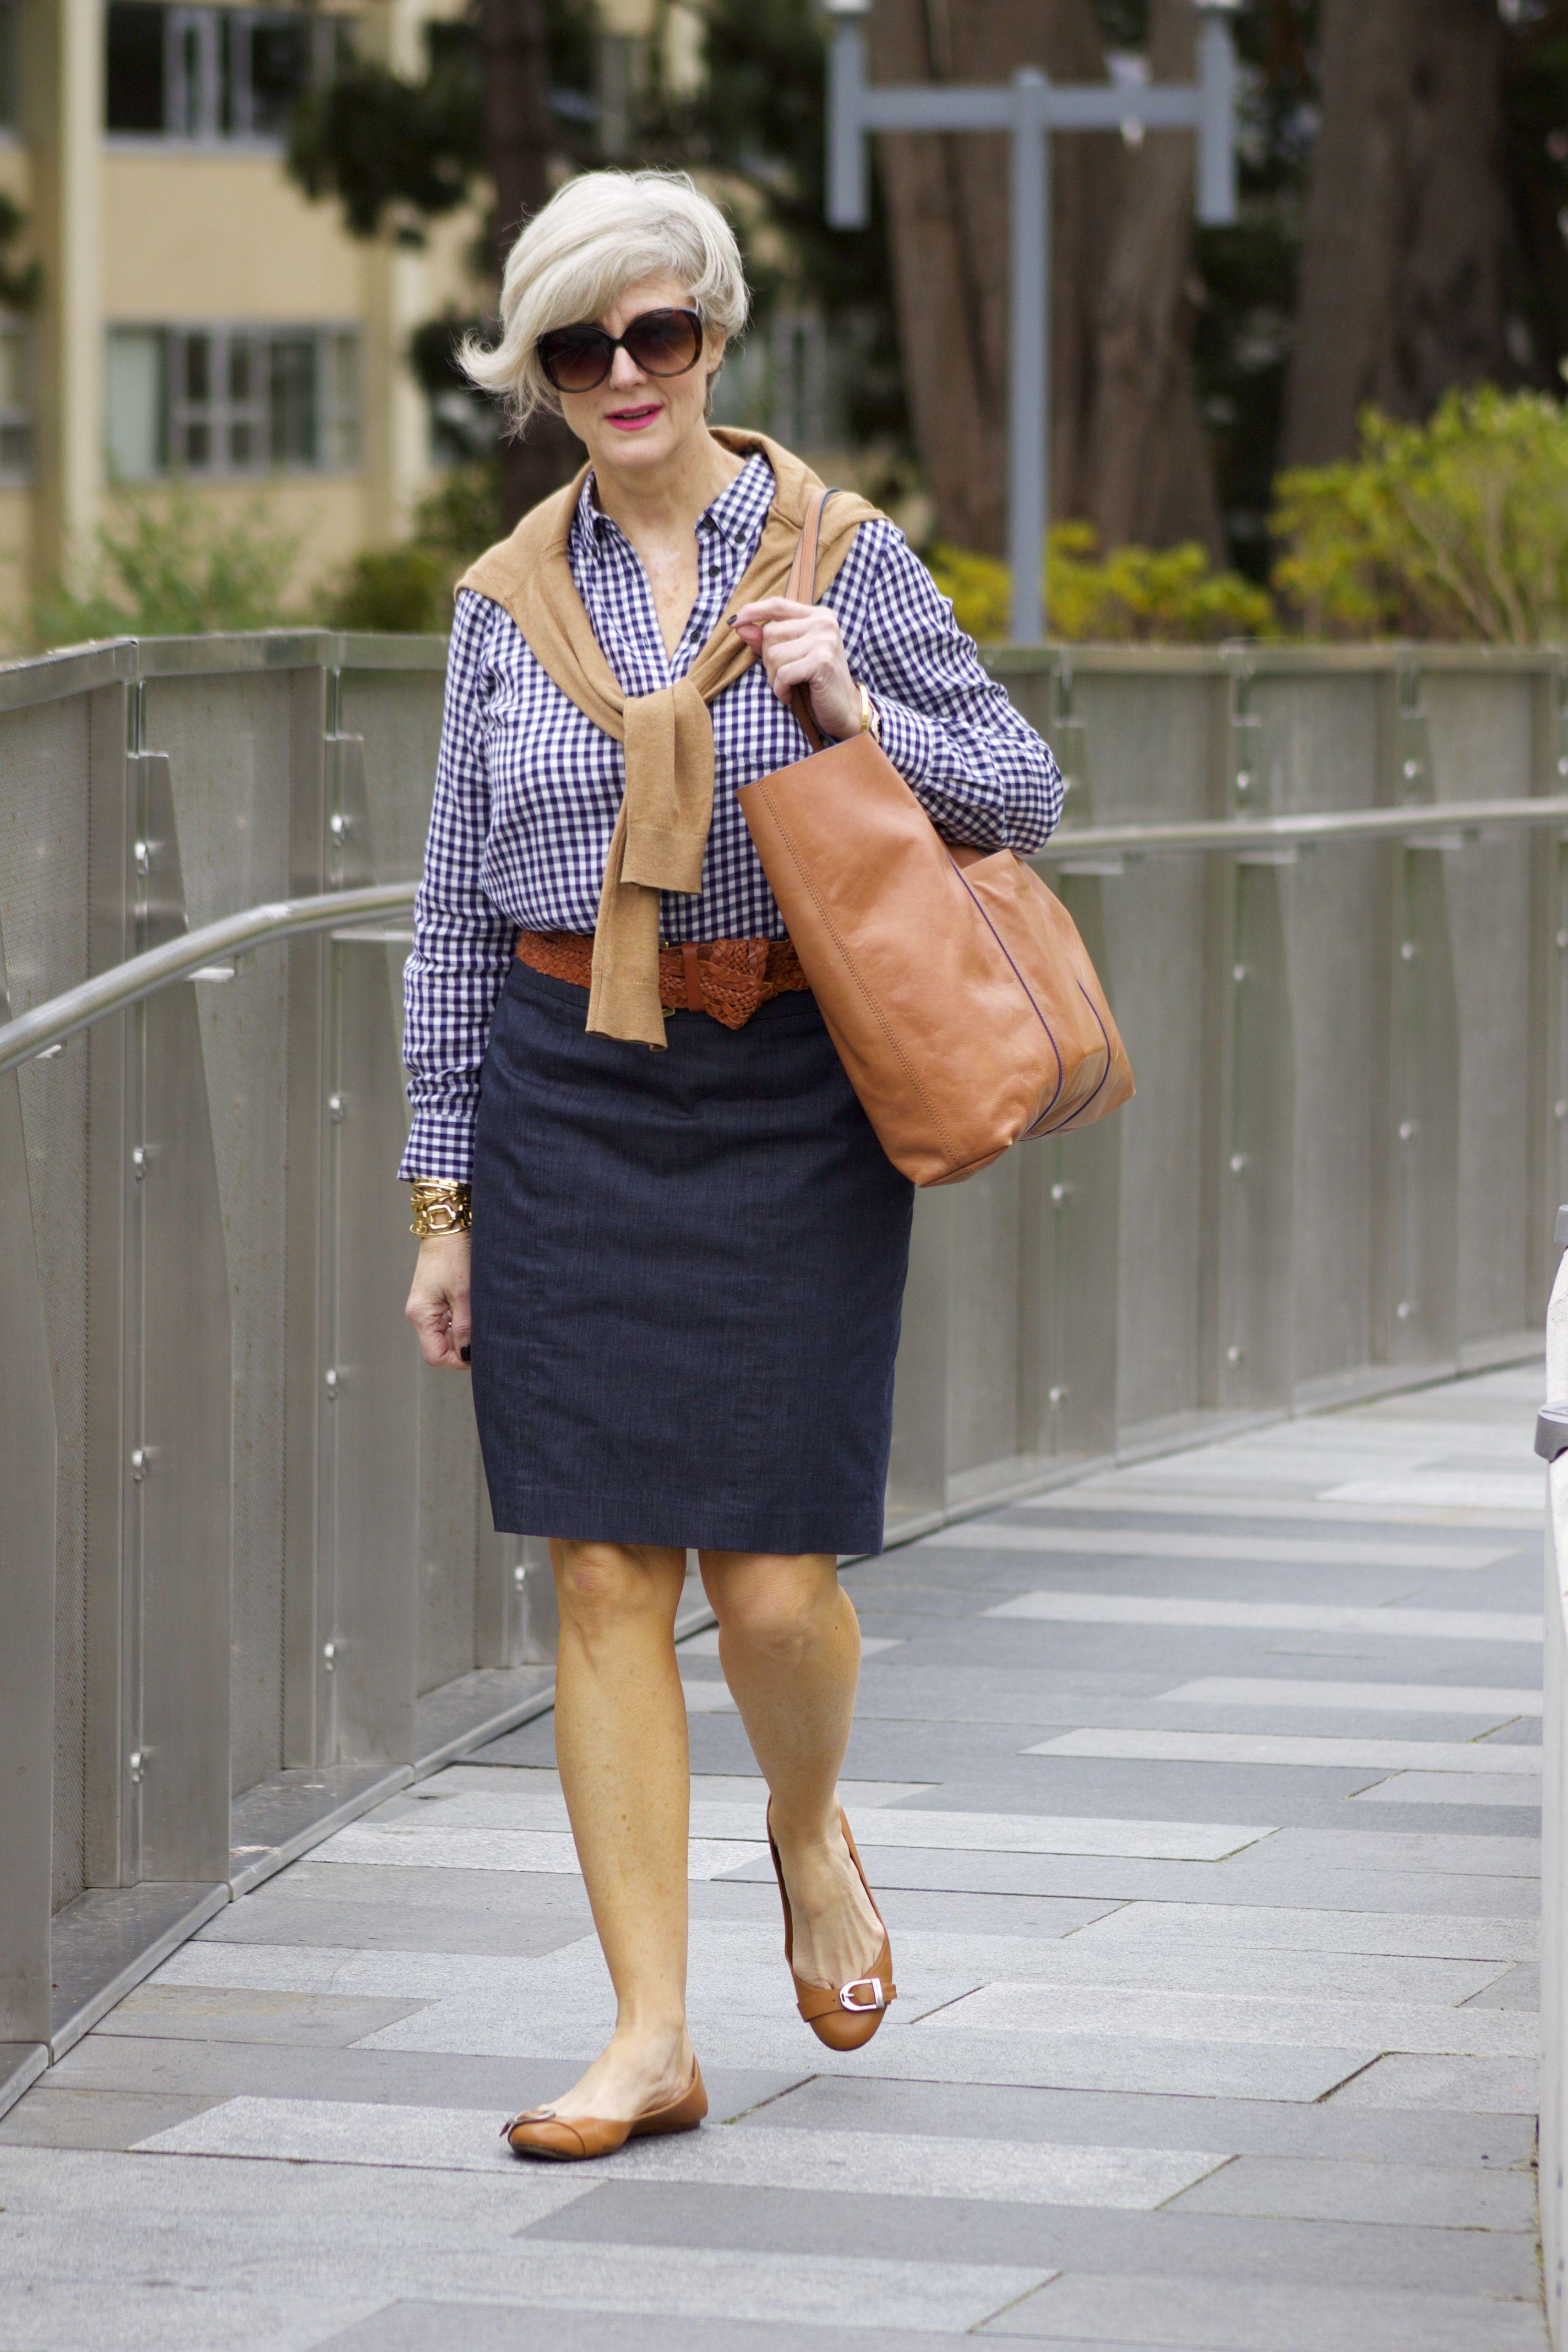 Jolie femme mature de 60 ans. Senior lady parfaite en robe grise